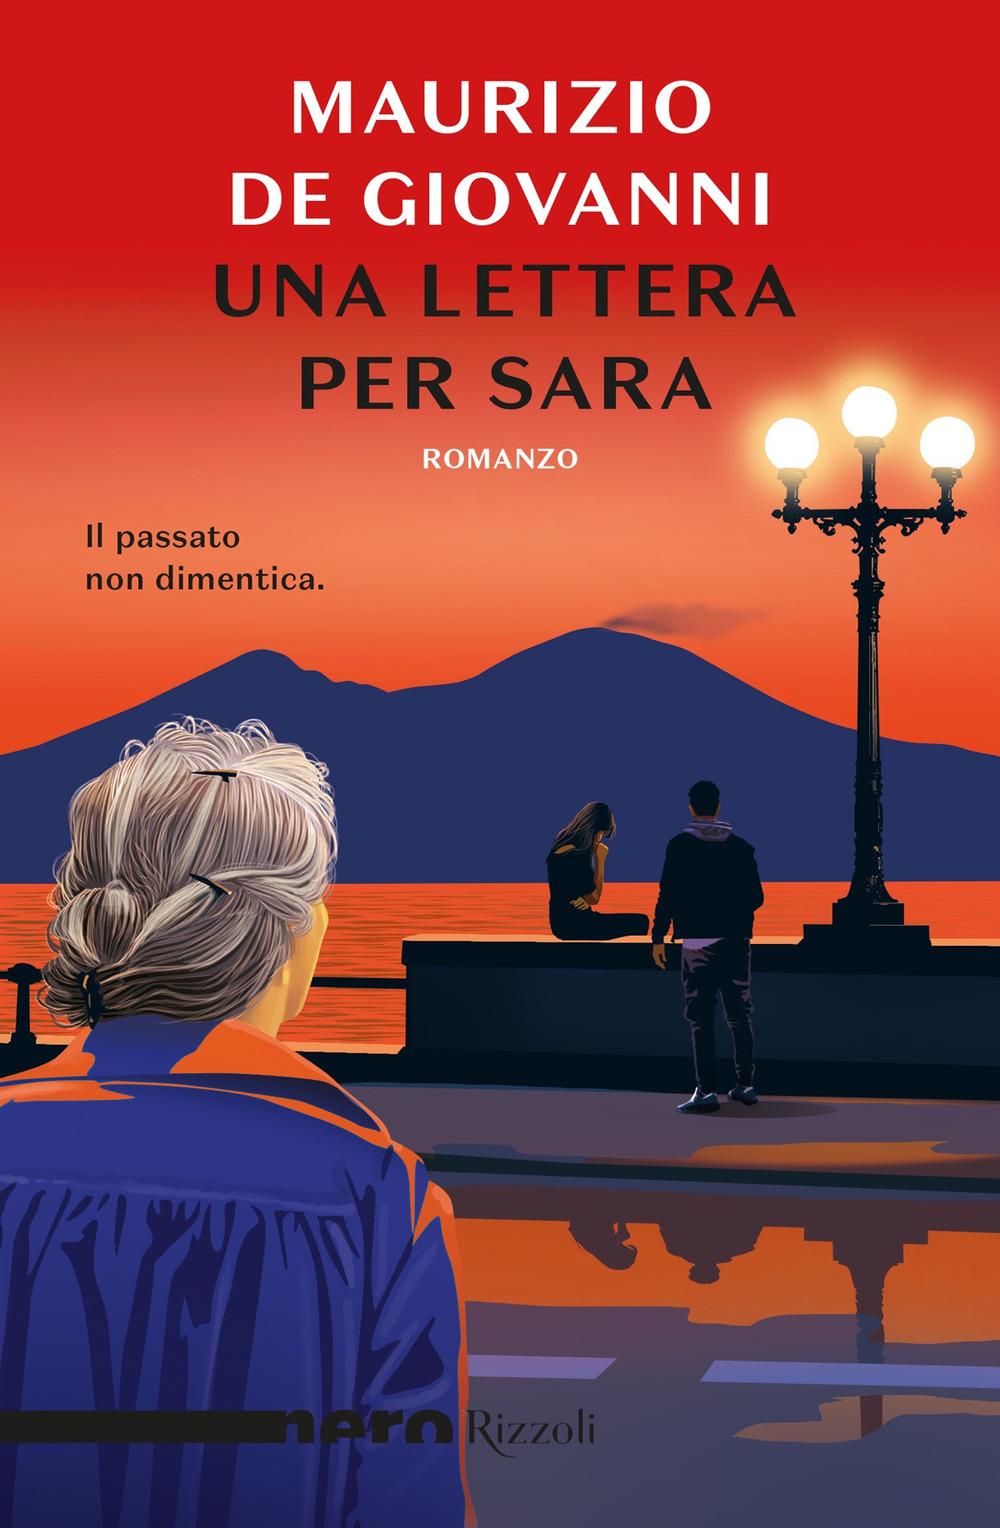 Libri Maurizio De Giovanni - Una Lettera Per Sara NUOVO SIGILLATO, EDIZIONE DEL 19/05/2020 SUBITO DISPONIBILE